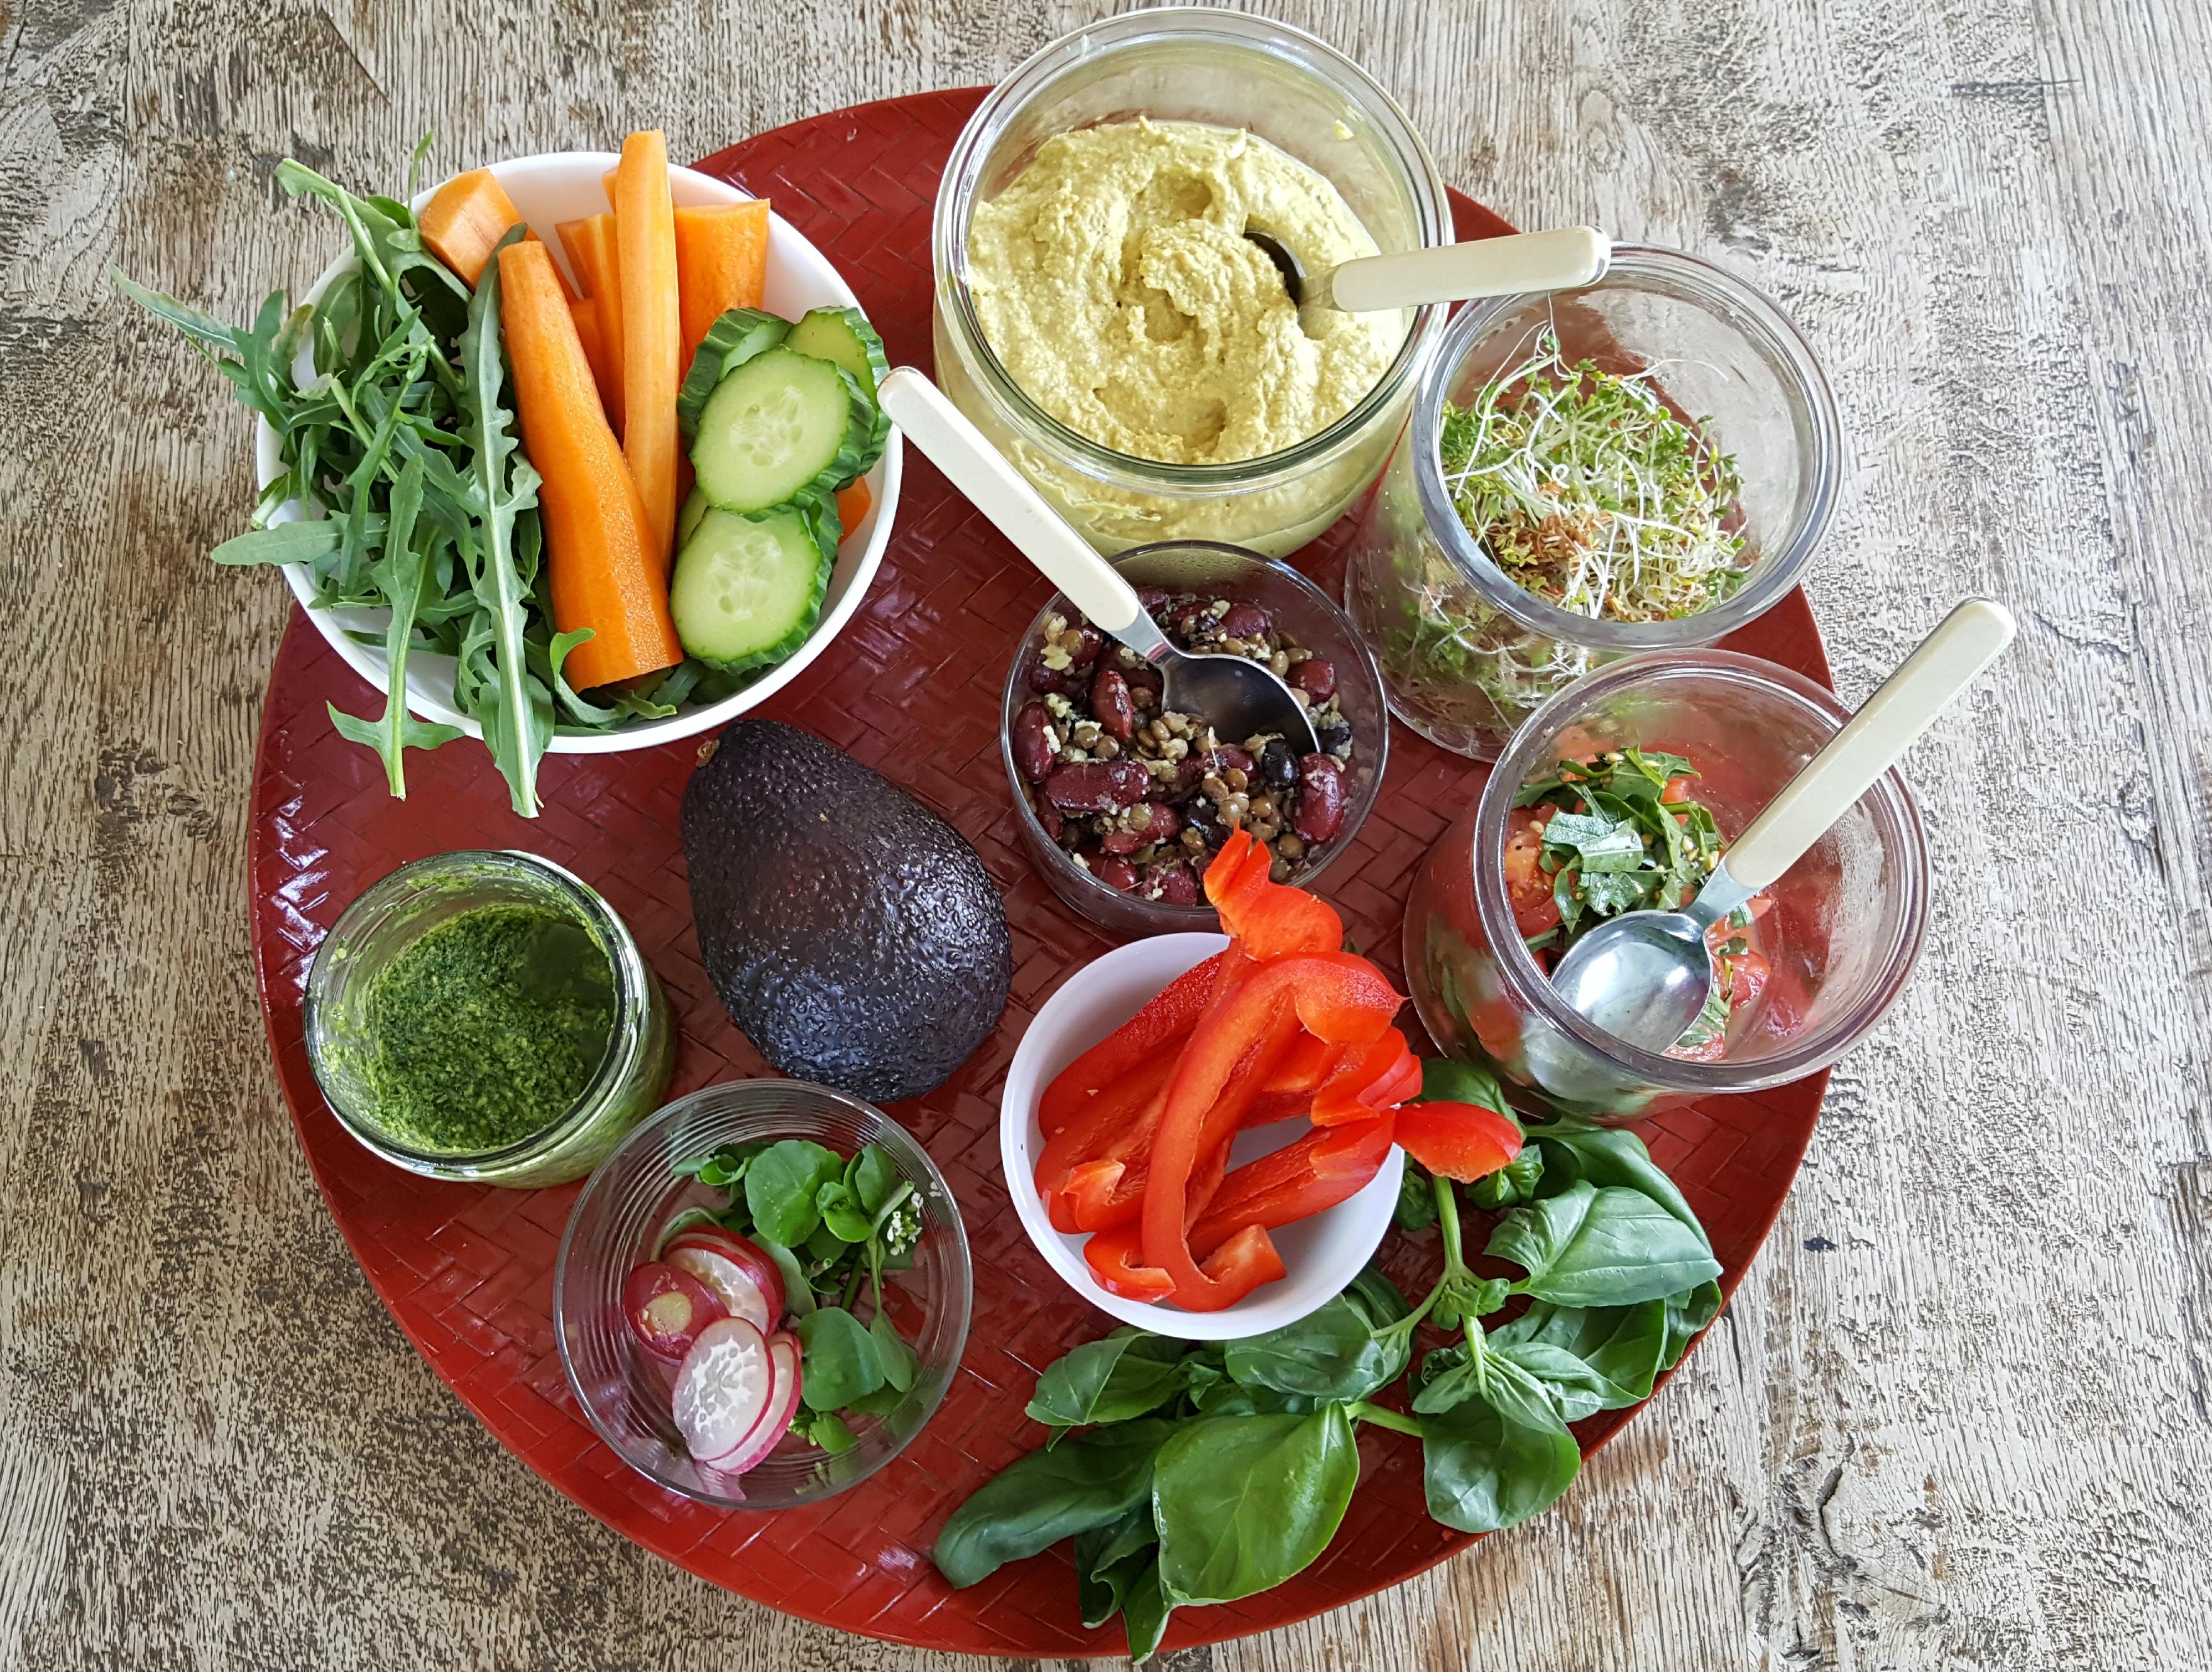 Frokost med hummus, pesto, marinerede bønner og forskelligt grønt tilbehør